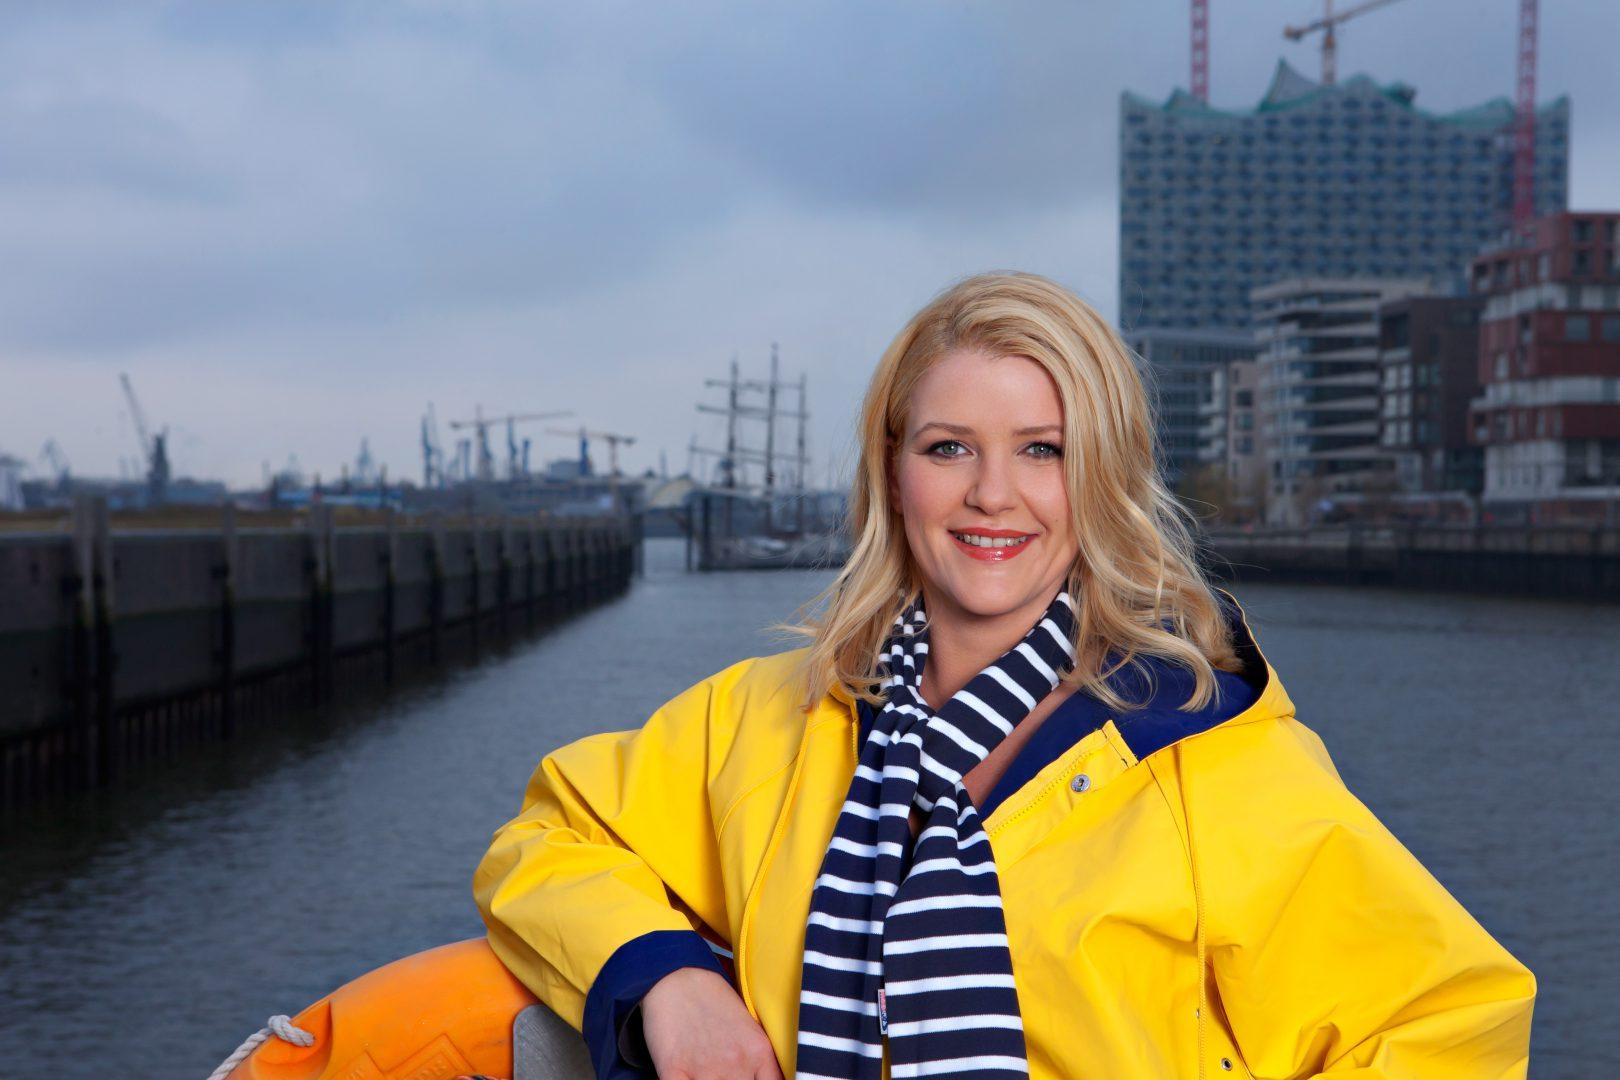 Die Hochbahn-Stimme Anke Harnack wurde 1979 in Bergen auf Rügen geboren. Sie arbeitet als Moderatorin beim Hamburg-Journal und NDR 90,3 und hat Wirtschaftsrecht studiert. (CC) Christine Lutz